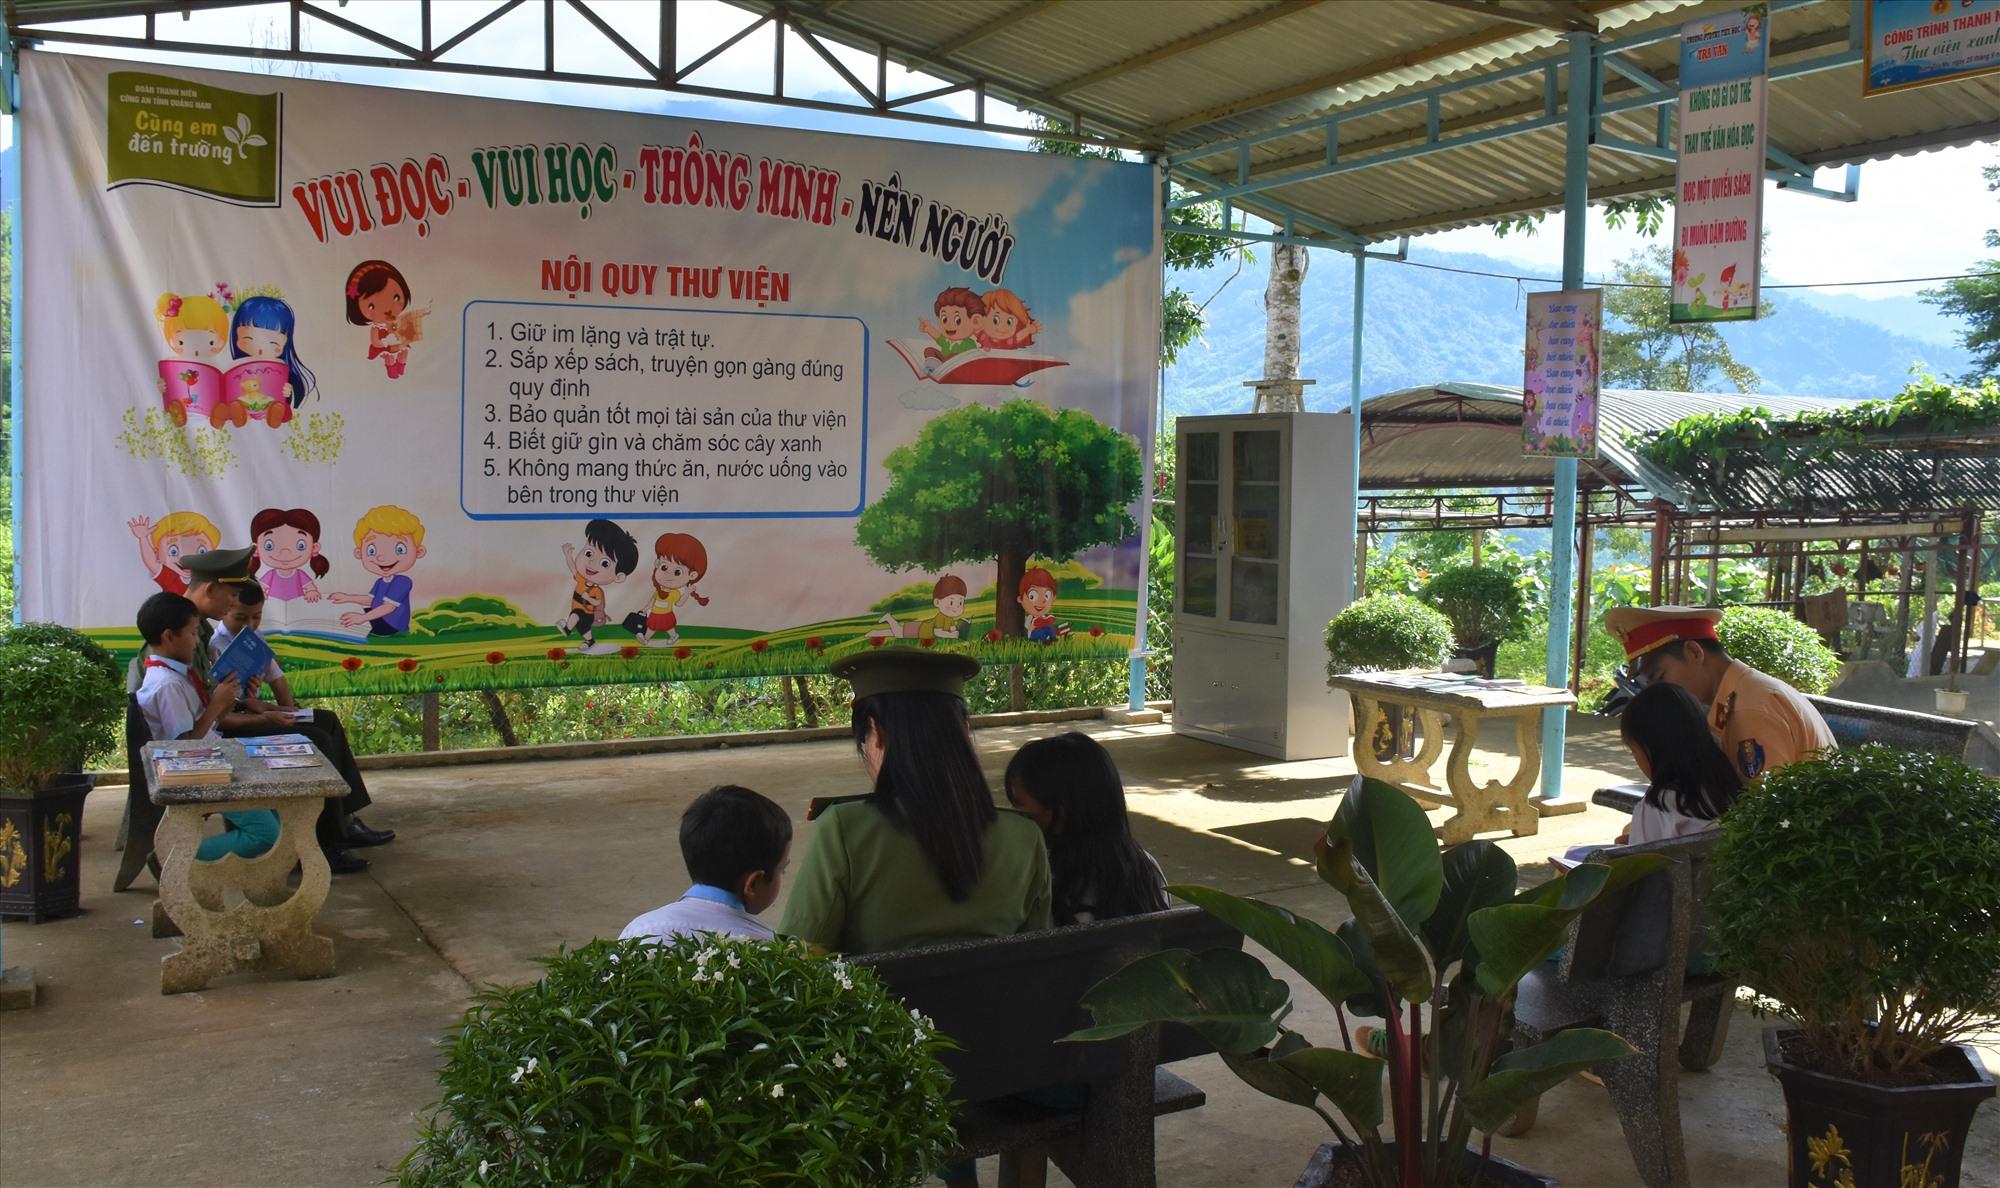 Xây dựng khu thư viện xanh cho các em học sinh. Ảnh: M.L